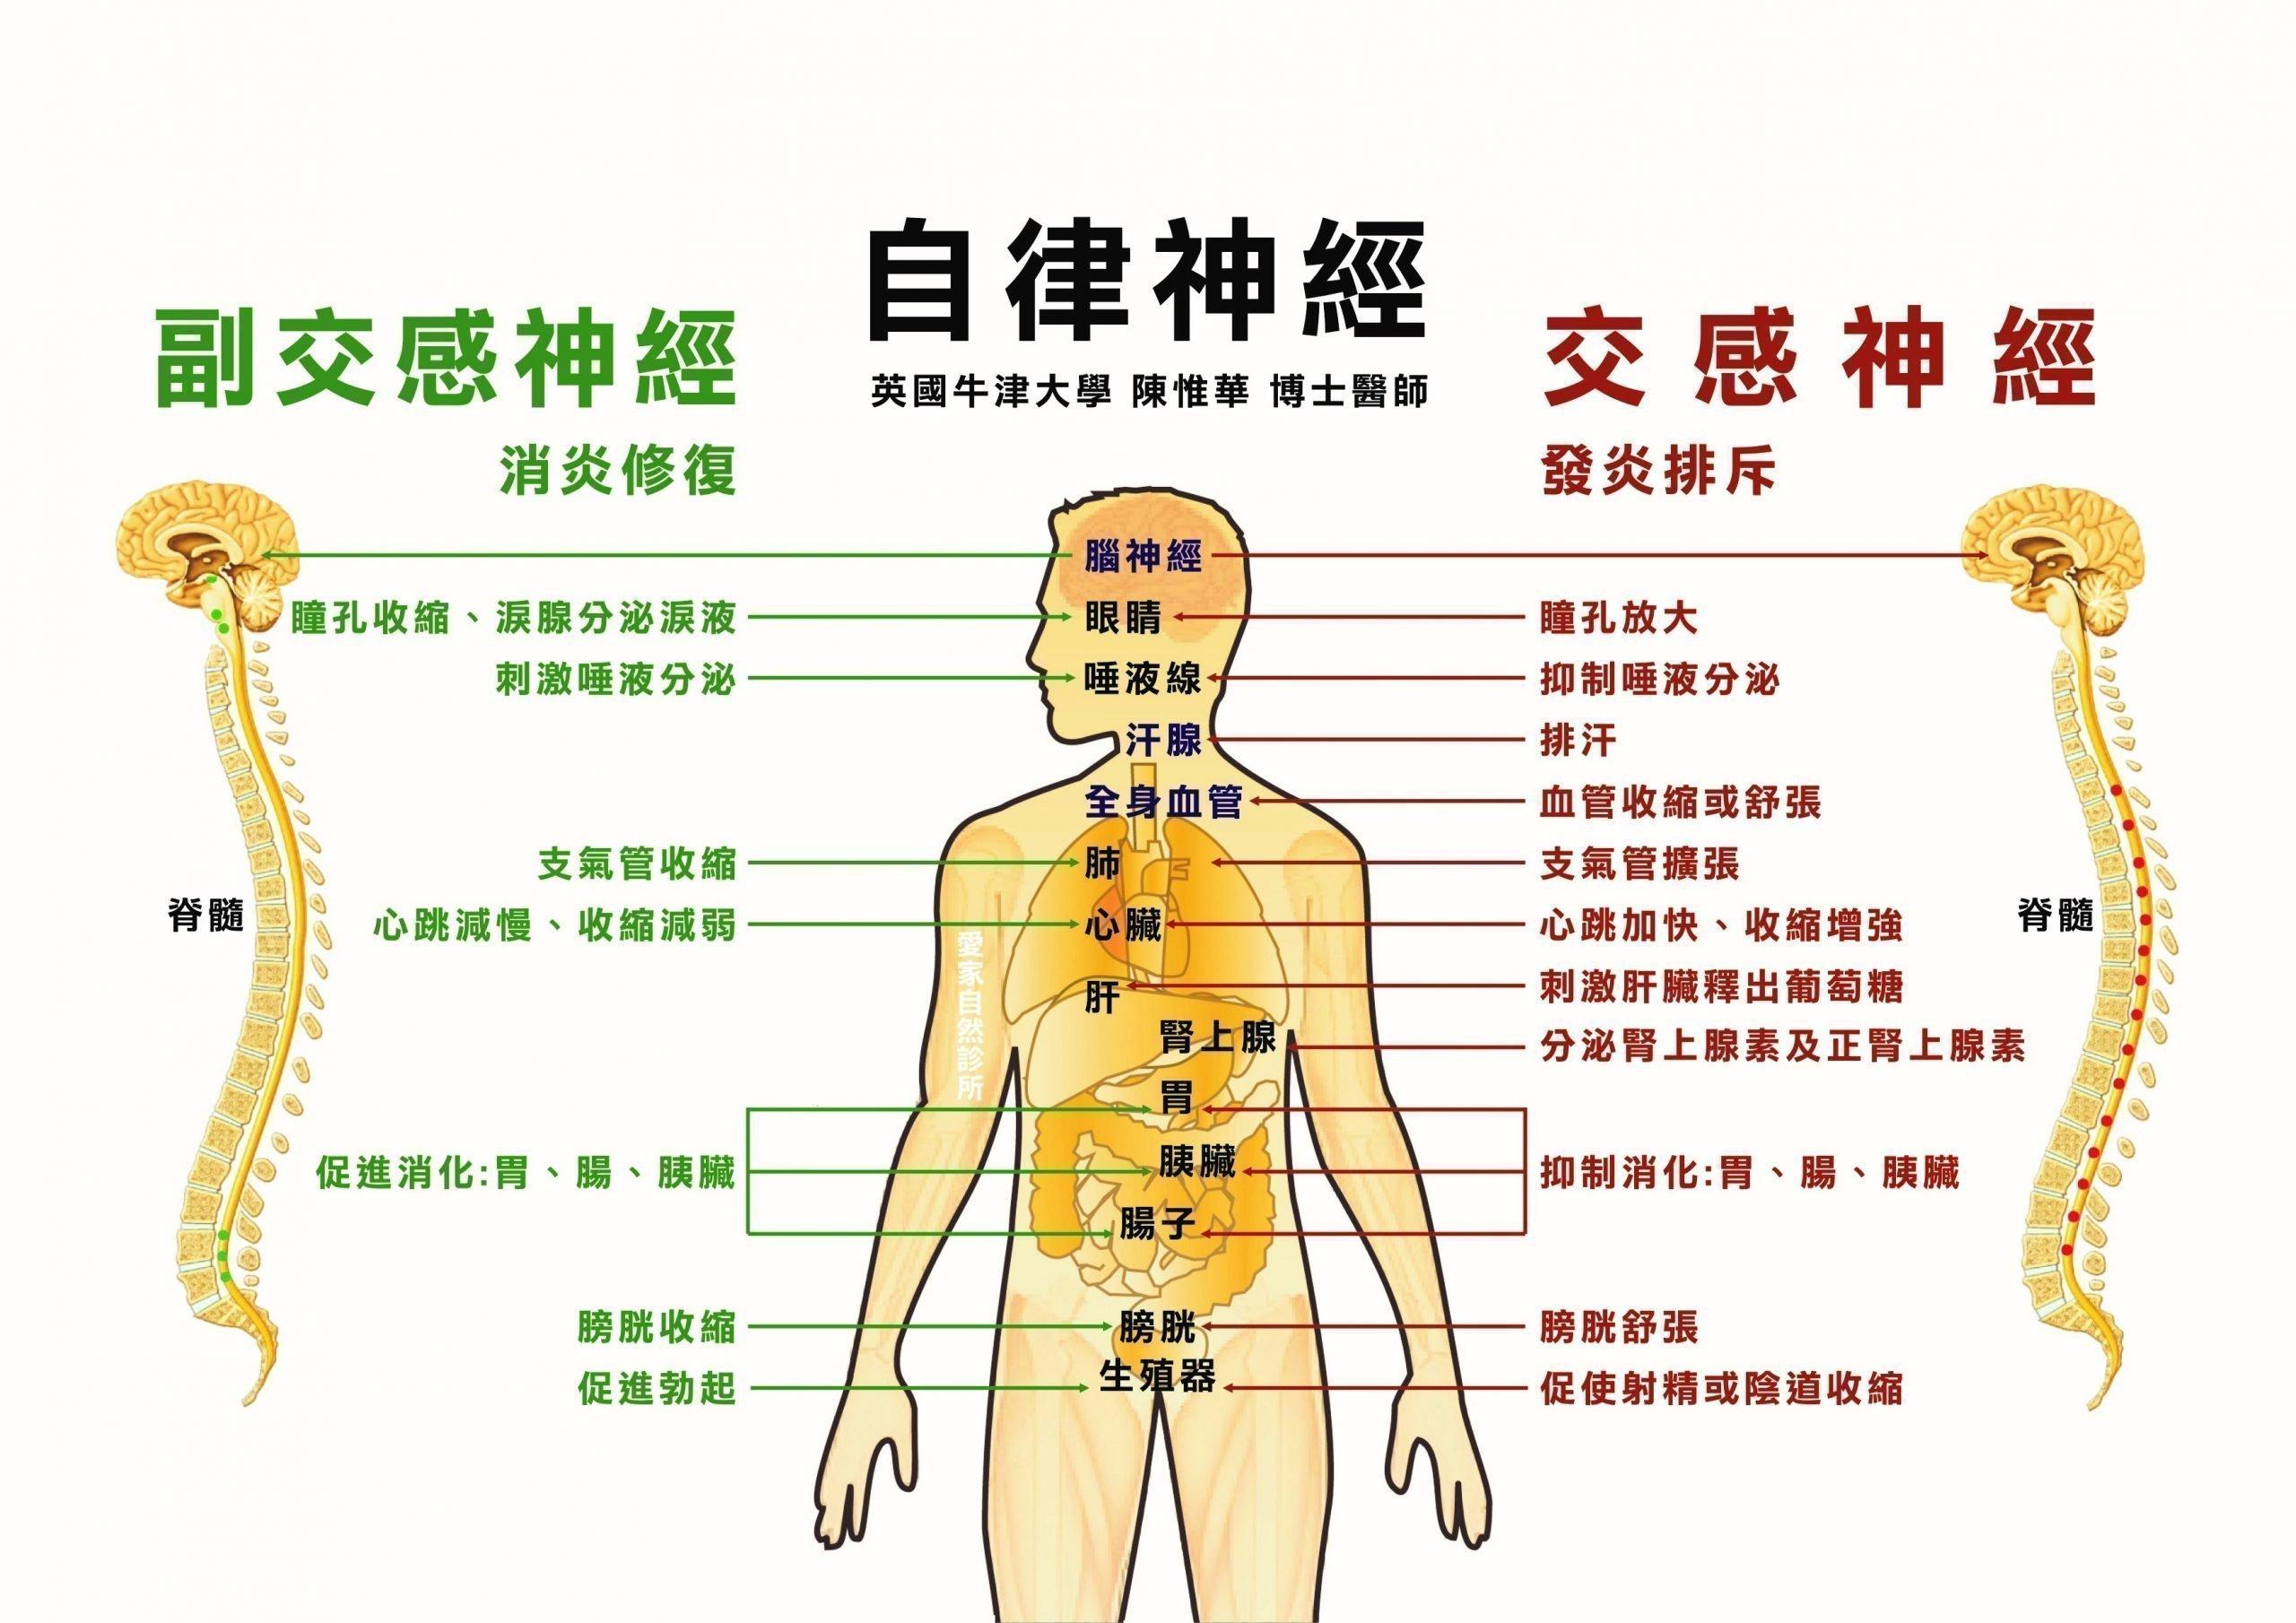 自癒力原來就是「自律神經」 – 中華整合醫學與健康促進協會